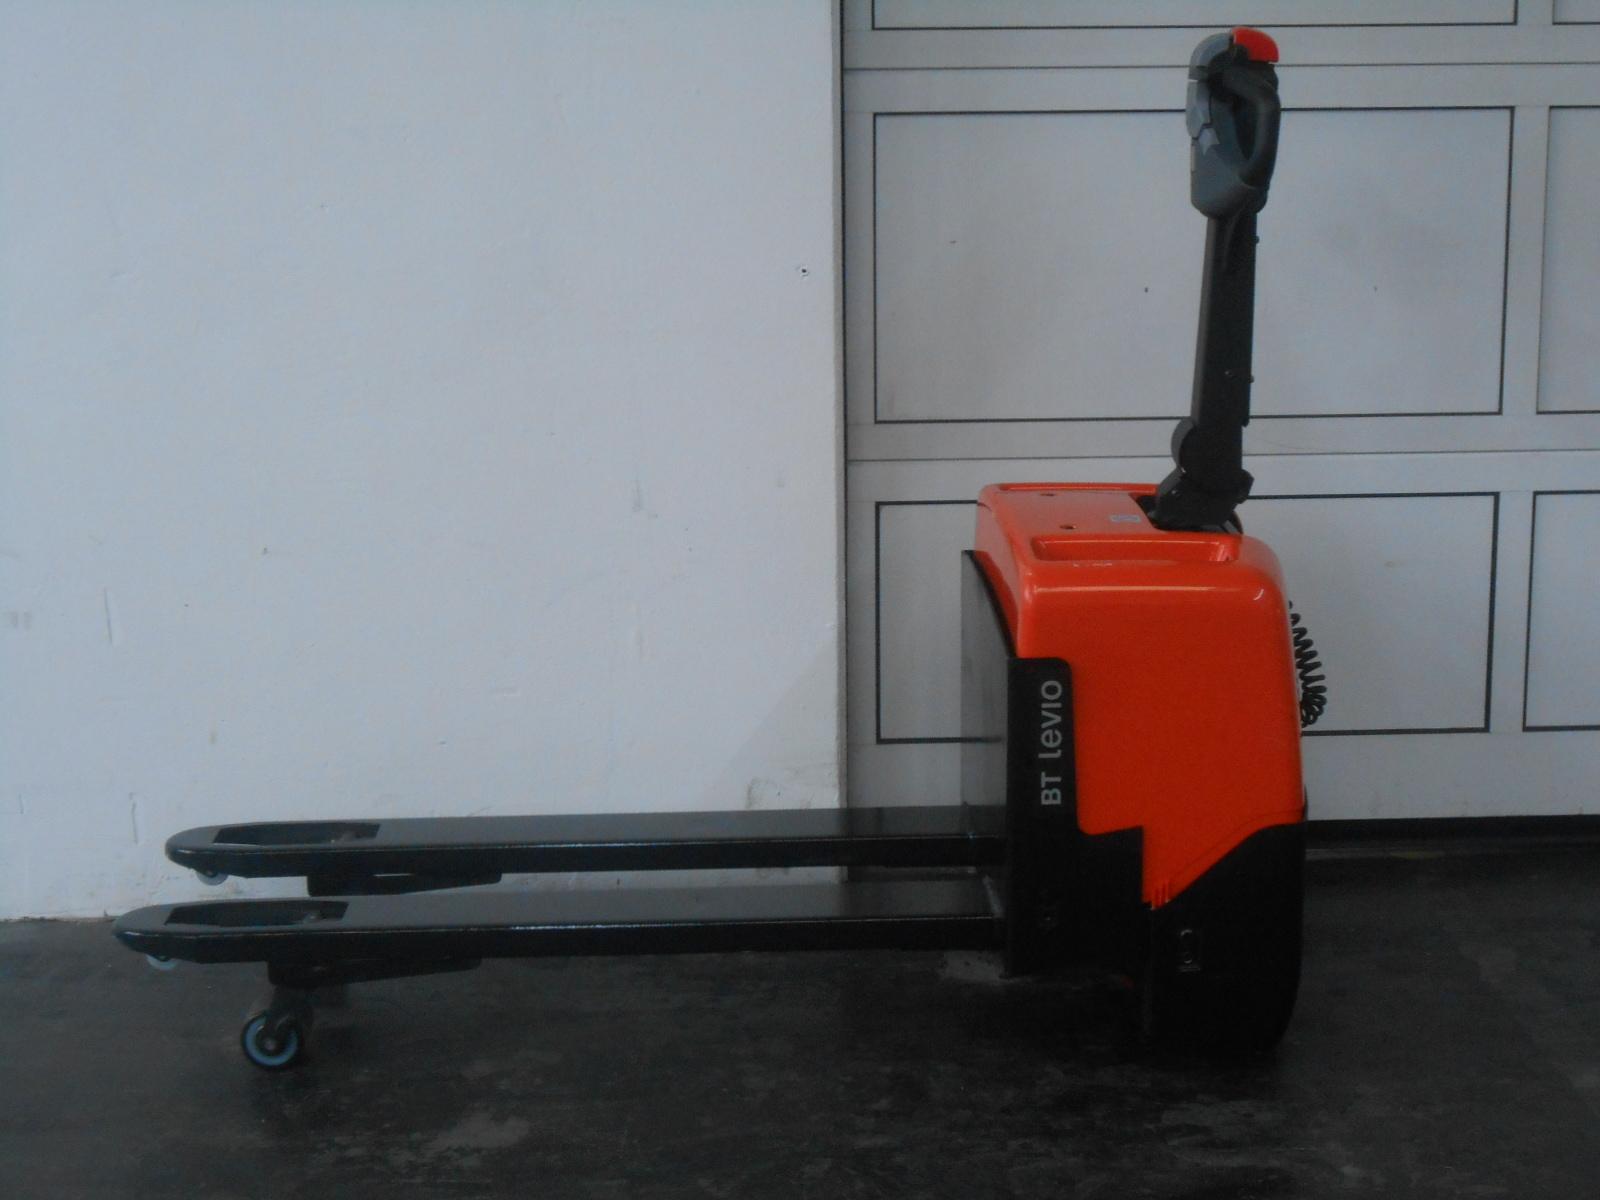 Toyota-Gabelstapler-59840 1612026682 1 5